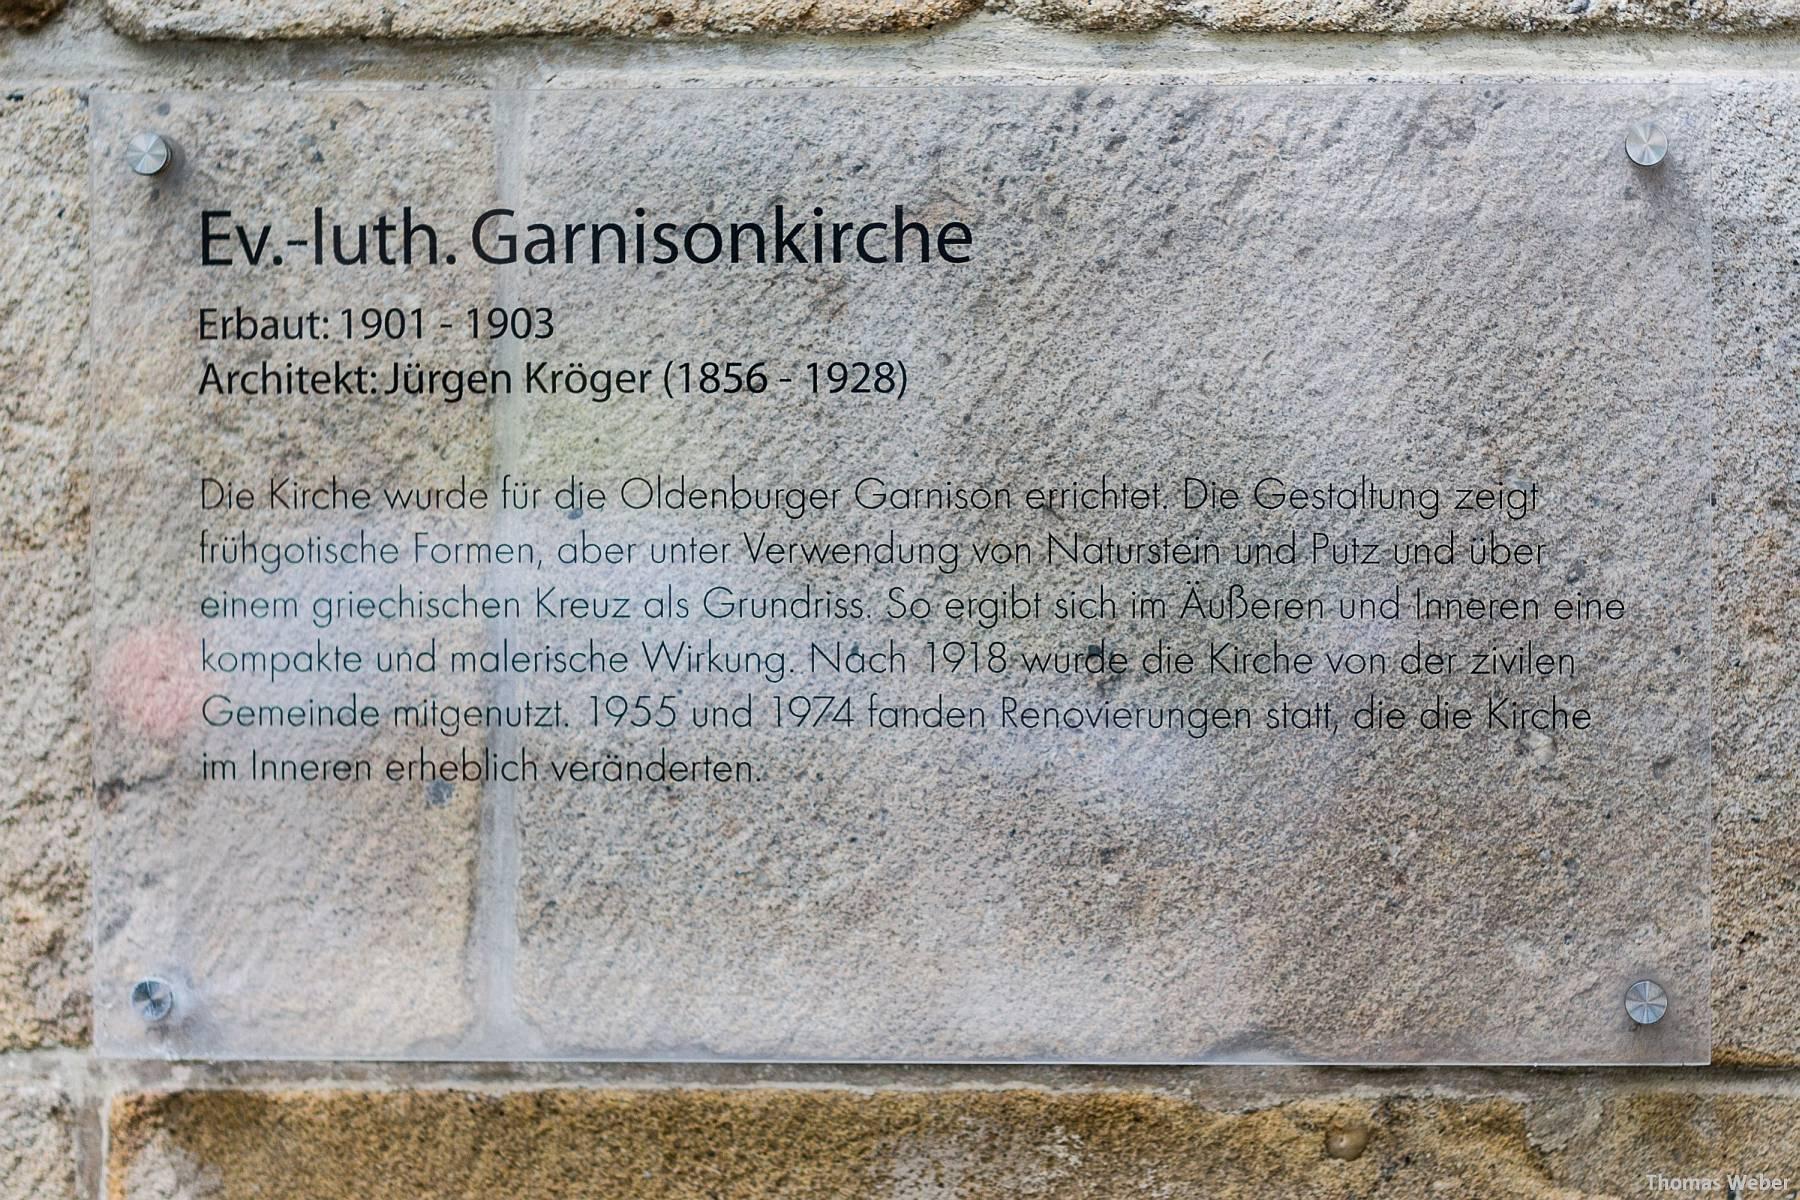 Hochzeitsfotograf Oldenburg: Kirchliche Trauung in der Garnisonkirche Oldenburg und Feier im Landhaus Etzhorn Oldenburg (2)